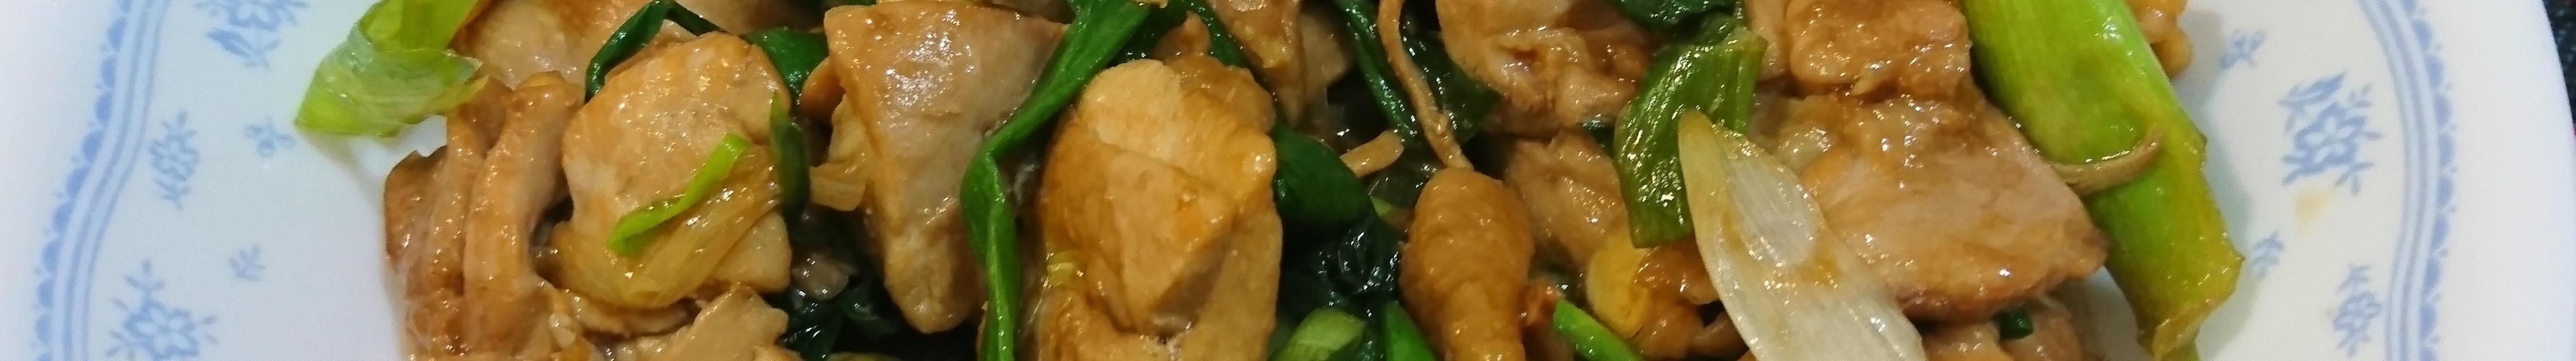 蒜苗炒鸡肉